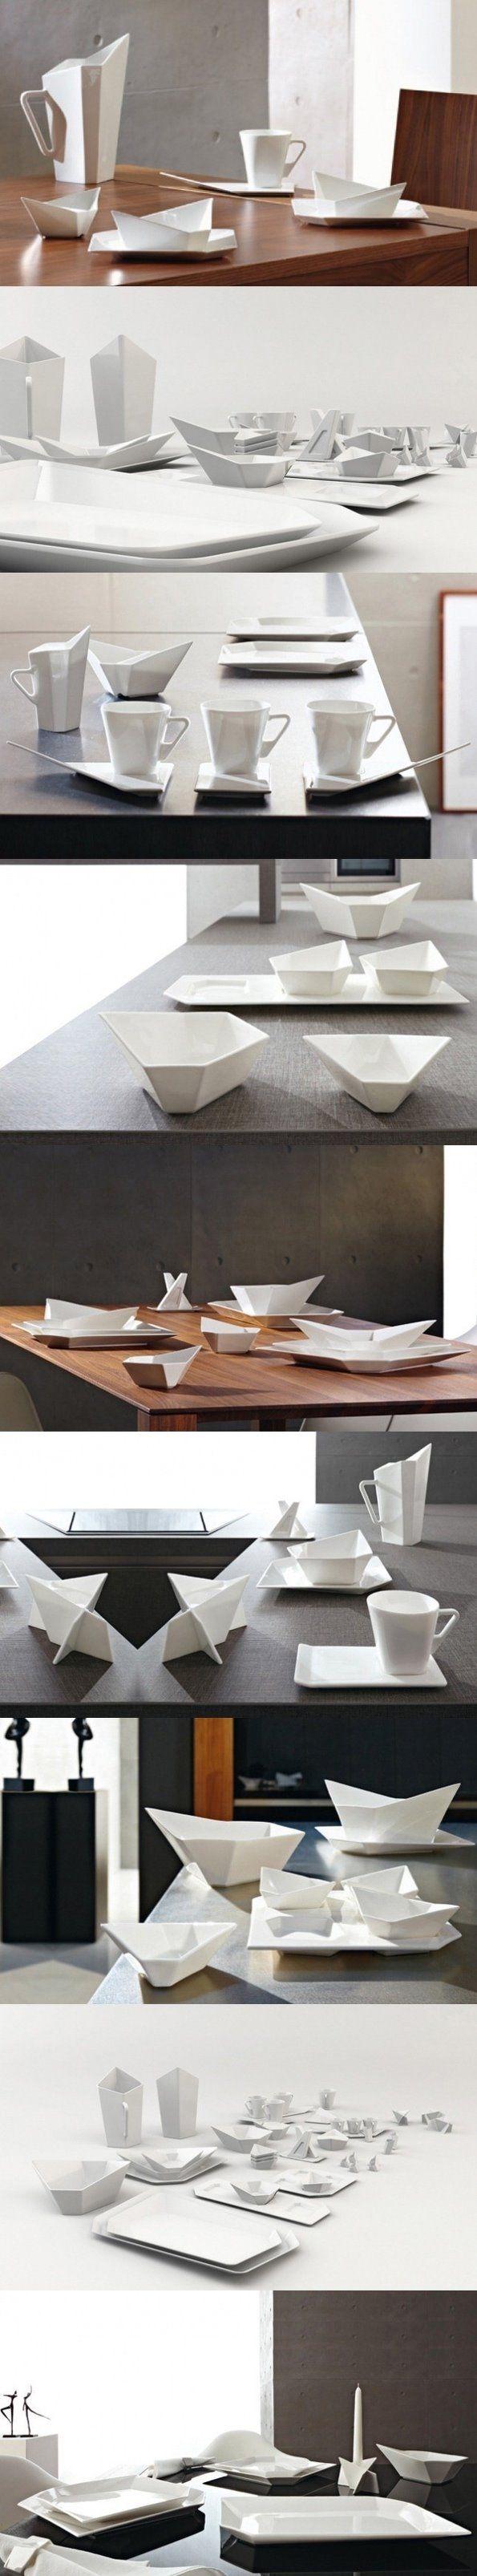 Kitchen Set Restaurant